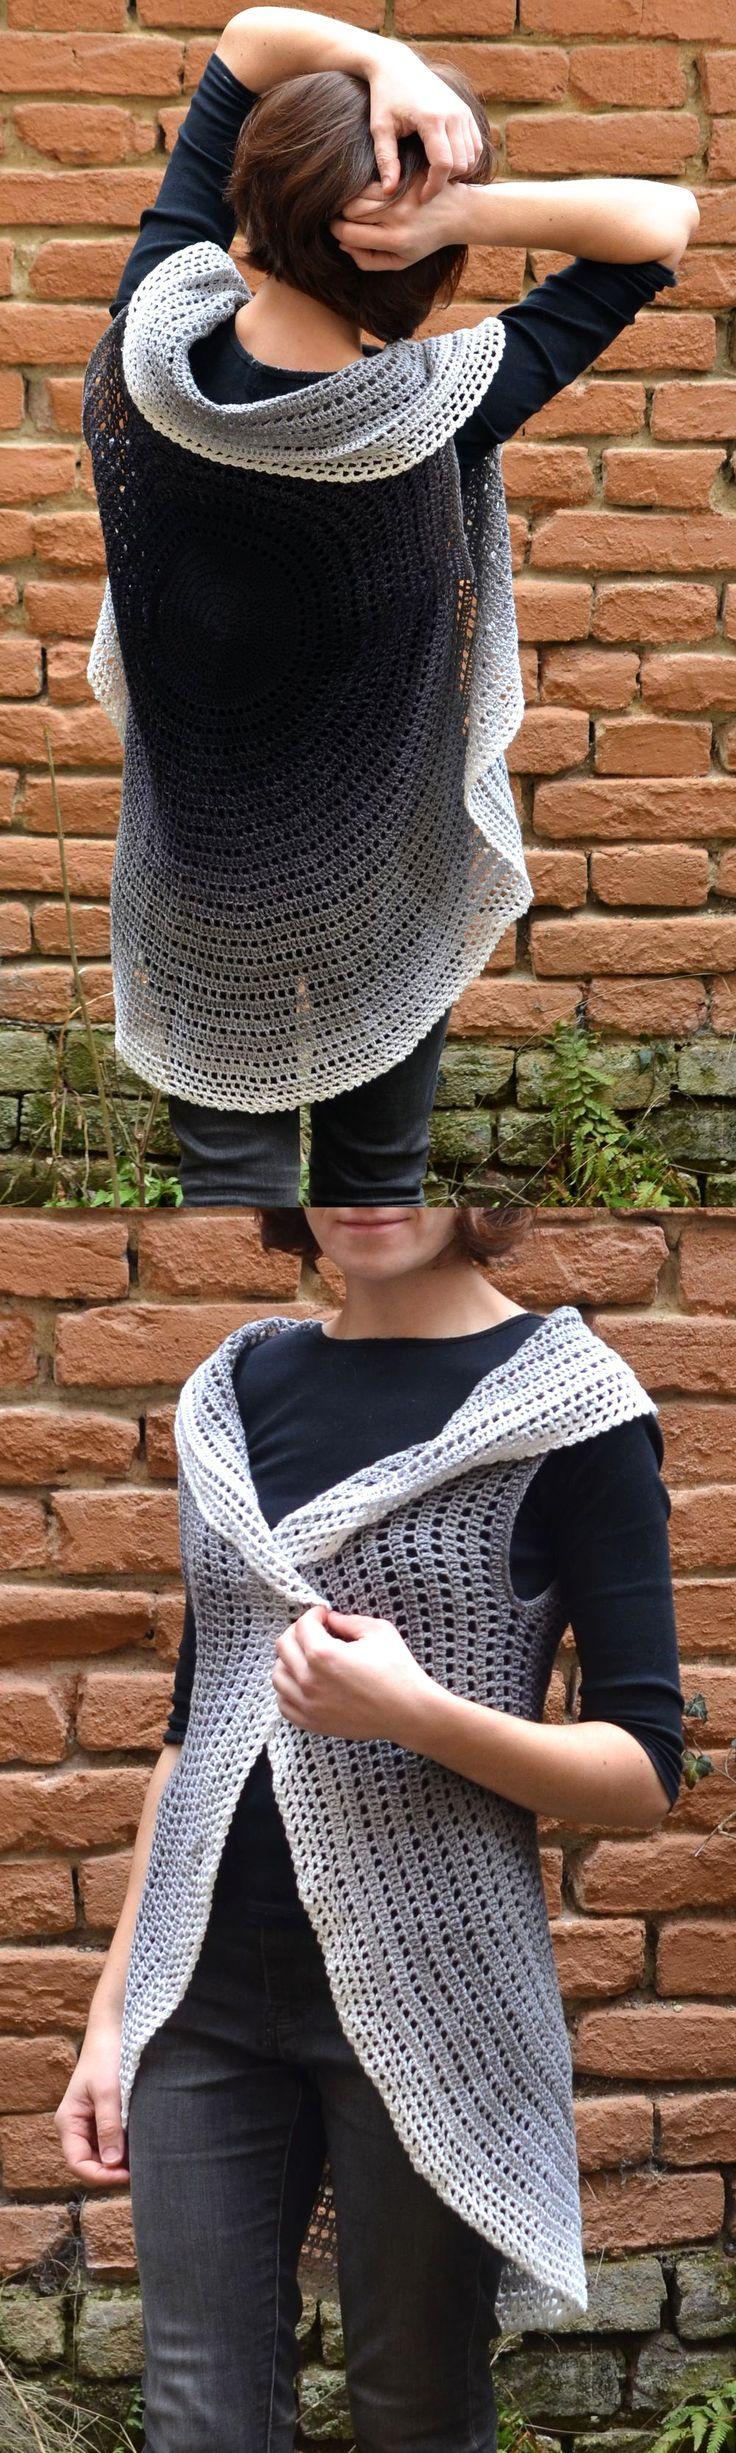 Photo of Whirl Mandala Cardigan – FREE crochet pattern